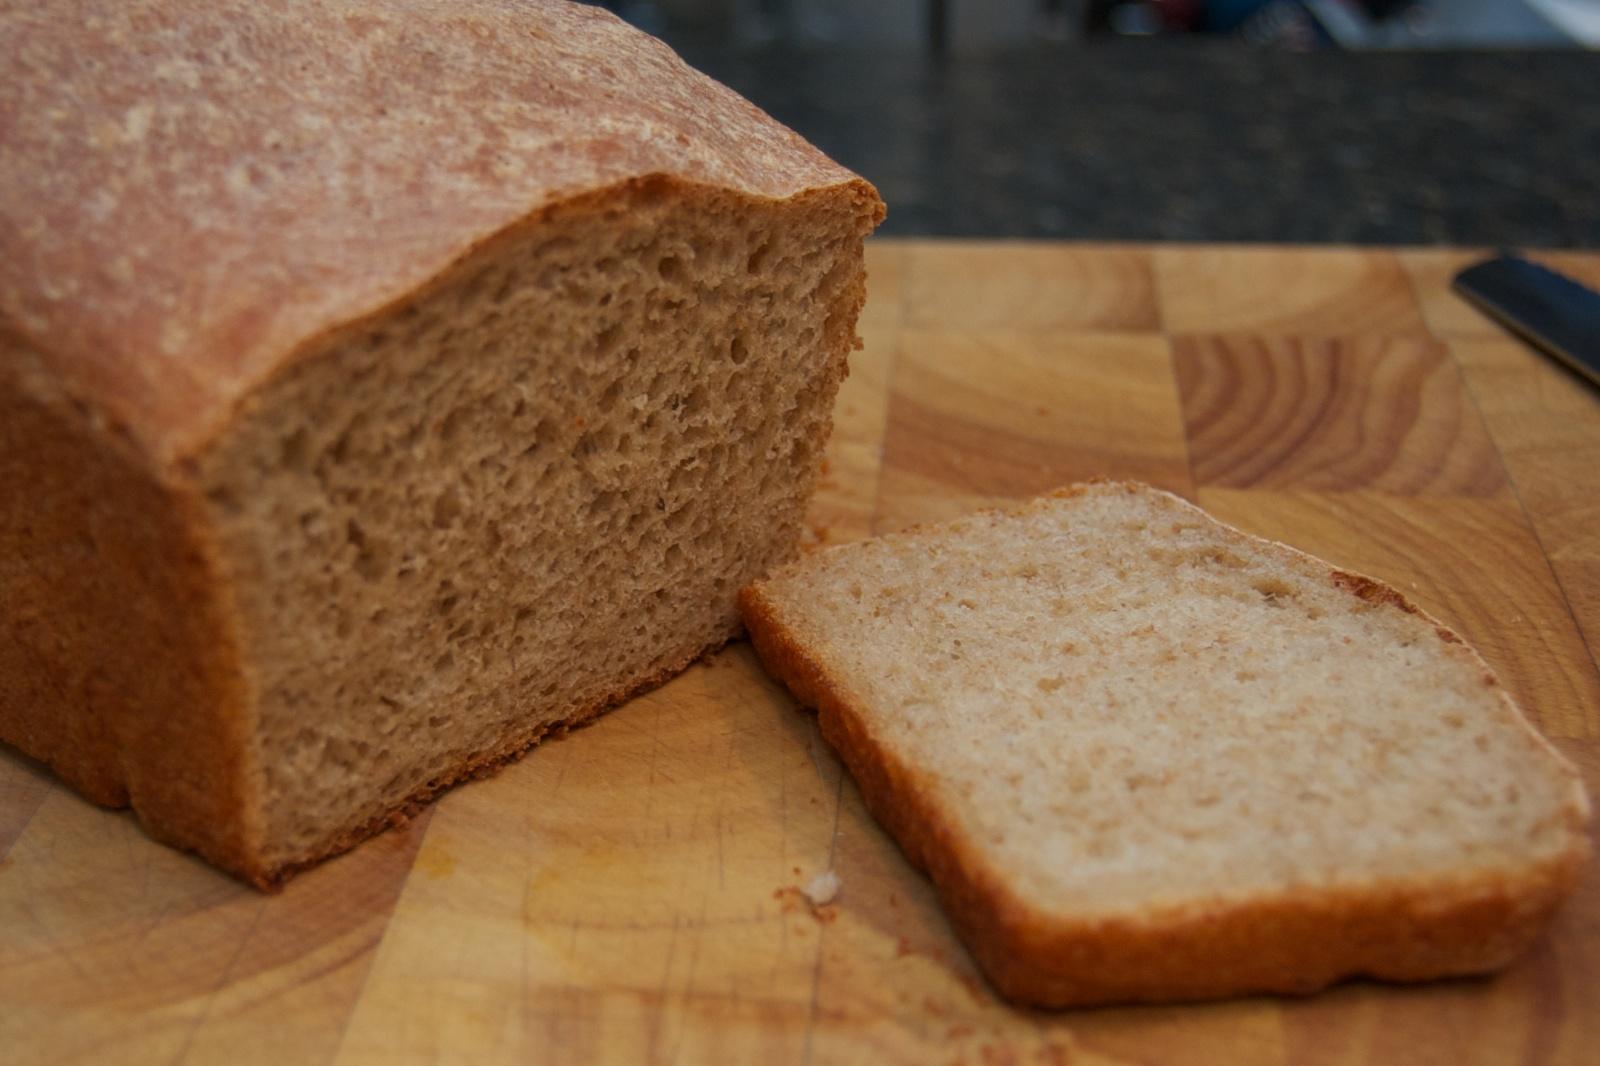 http://blog.rickk.com/food/2010/12/09/multigrain1.jpg